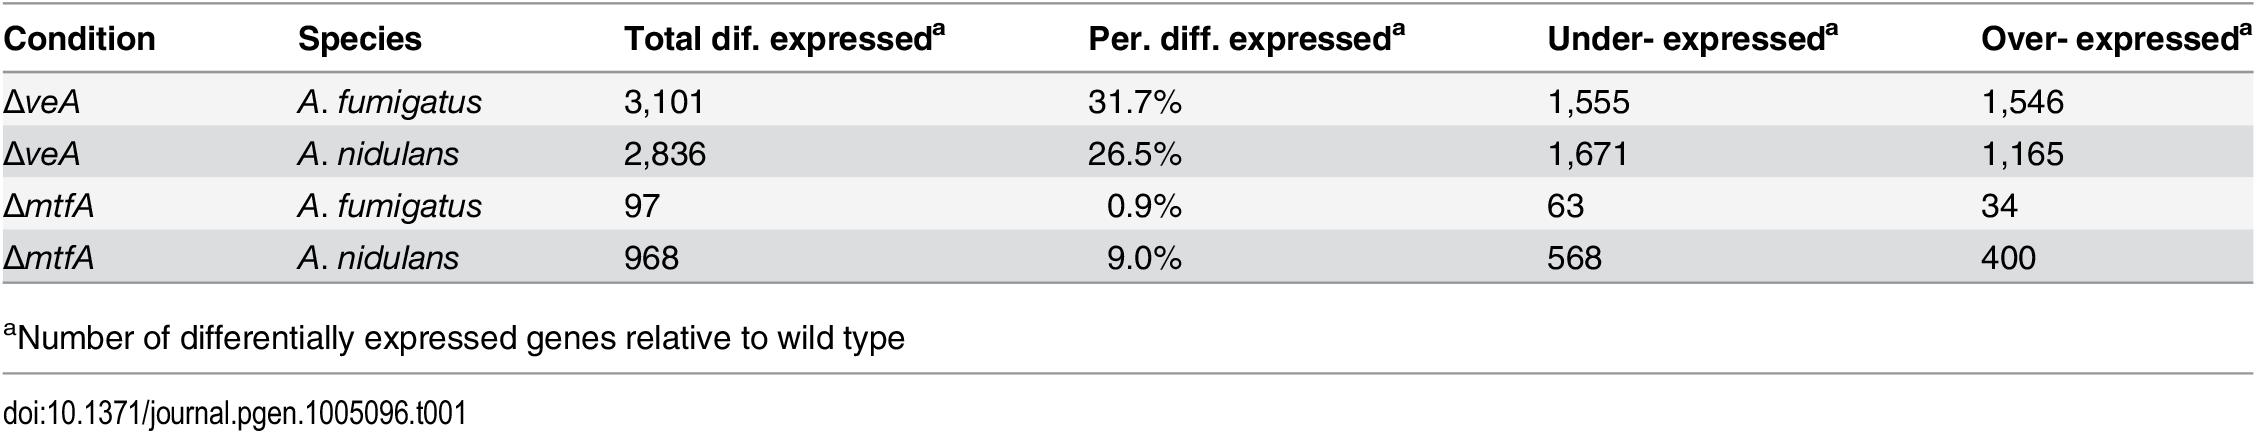 Differentially expressed genes in Δ<i>veA</i> vs WT and Δ<i>mtfA</i> vs WT comparisons for <i>A</i>. <i>fumigatus</i> and <i>A</i>. <i>nidulans</i>.